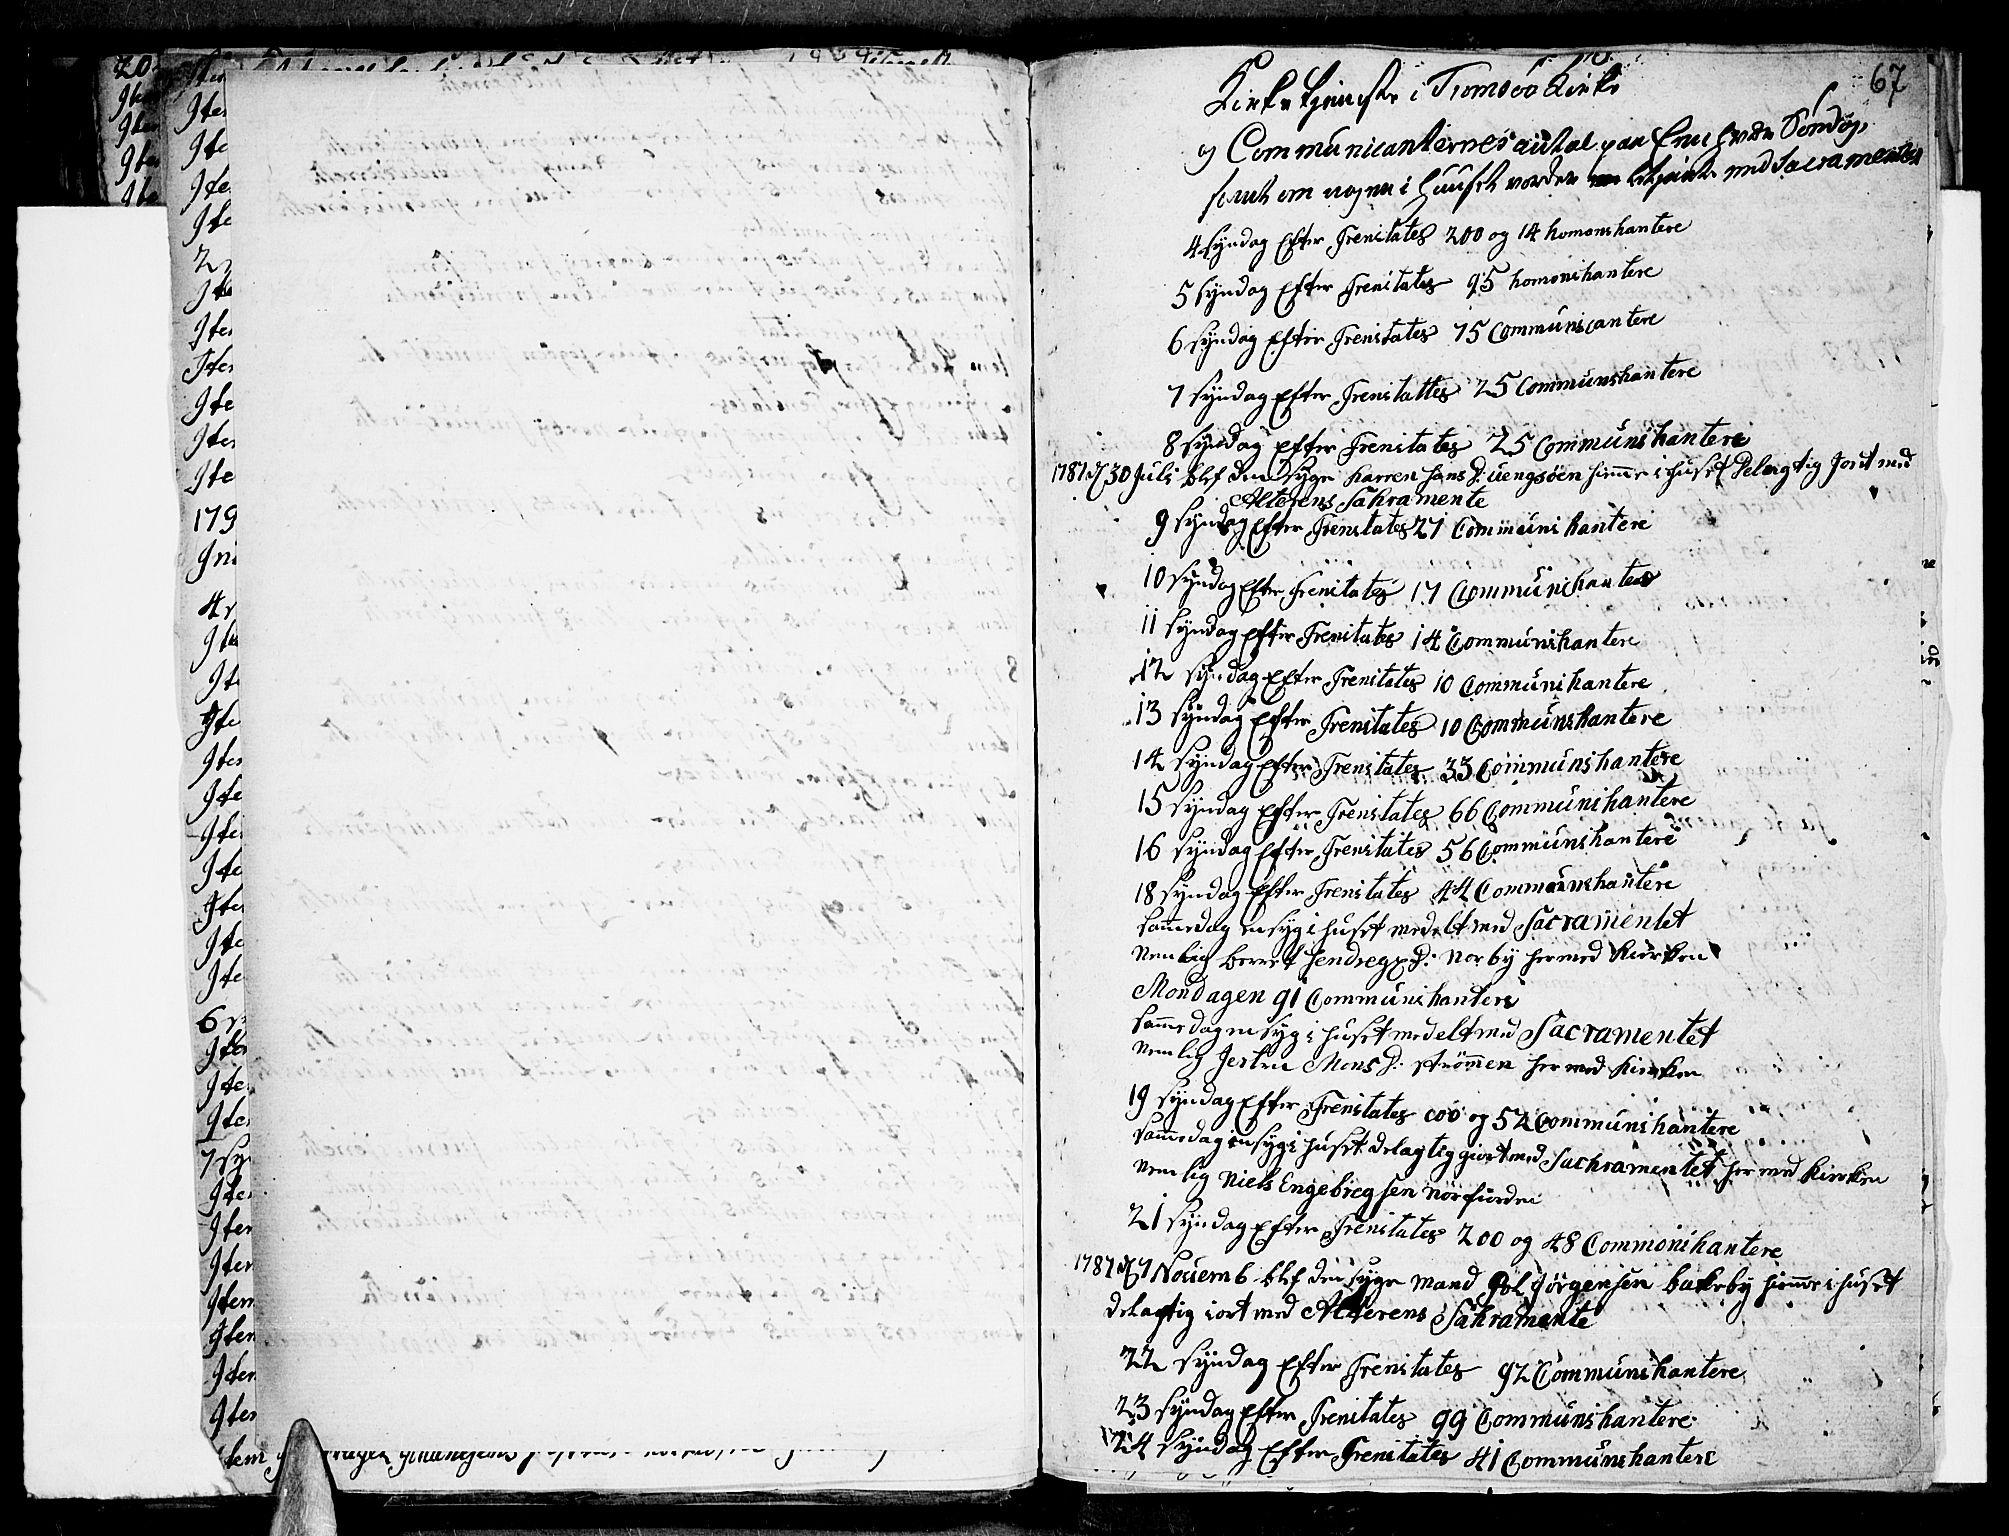 SATØ, Tromsø sokneprestkontor/stiftsprosti/domprosti, G/Ga/L0004kirke: Ministerialbok nr. 4, 1787-1795, s. 67